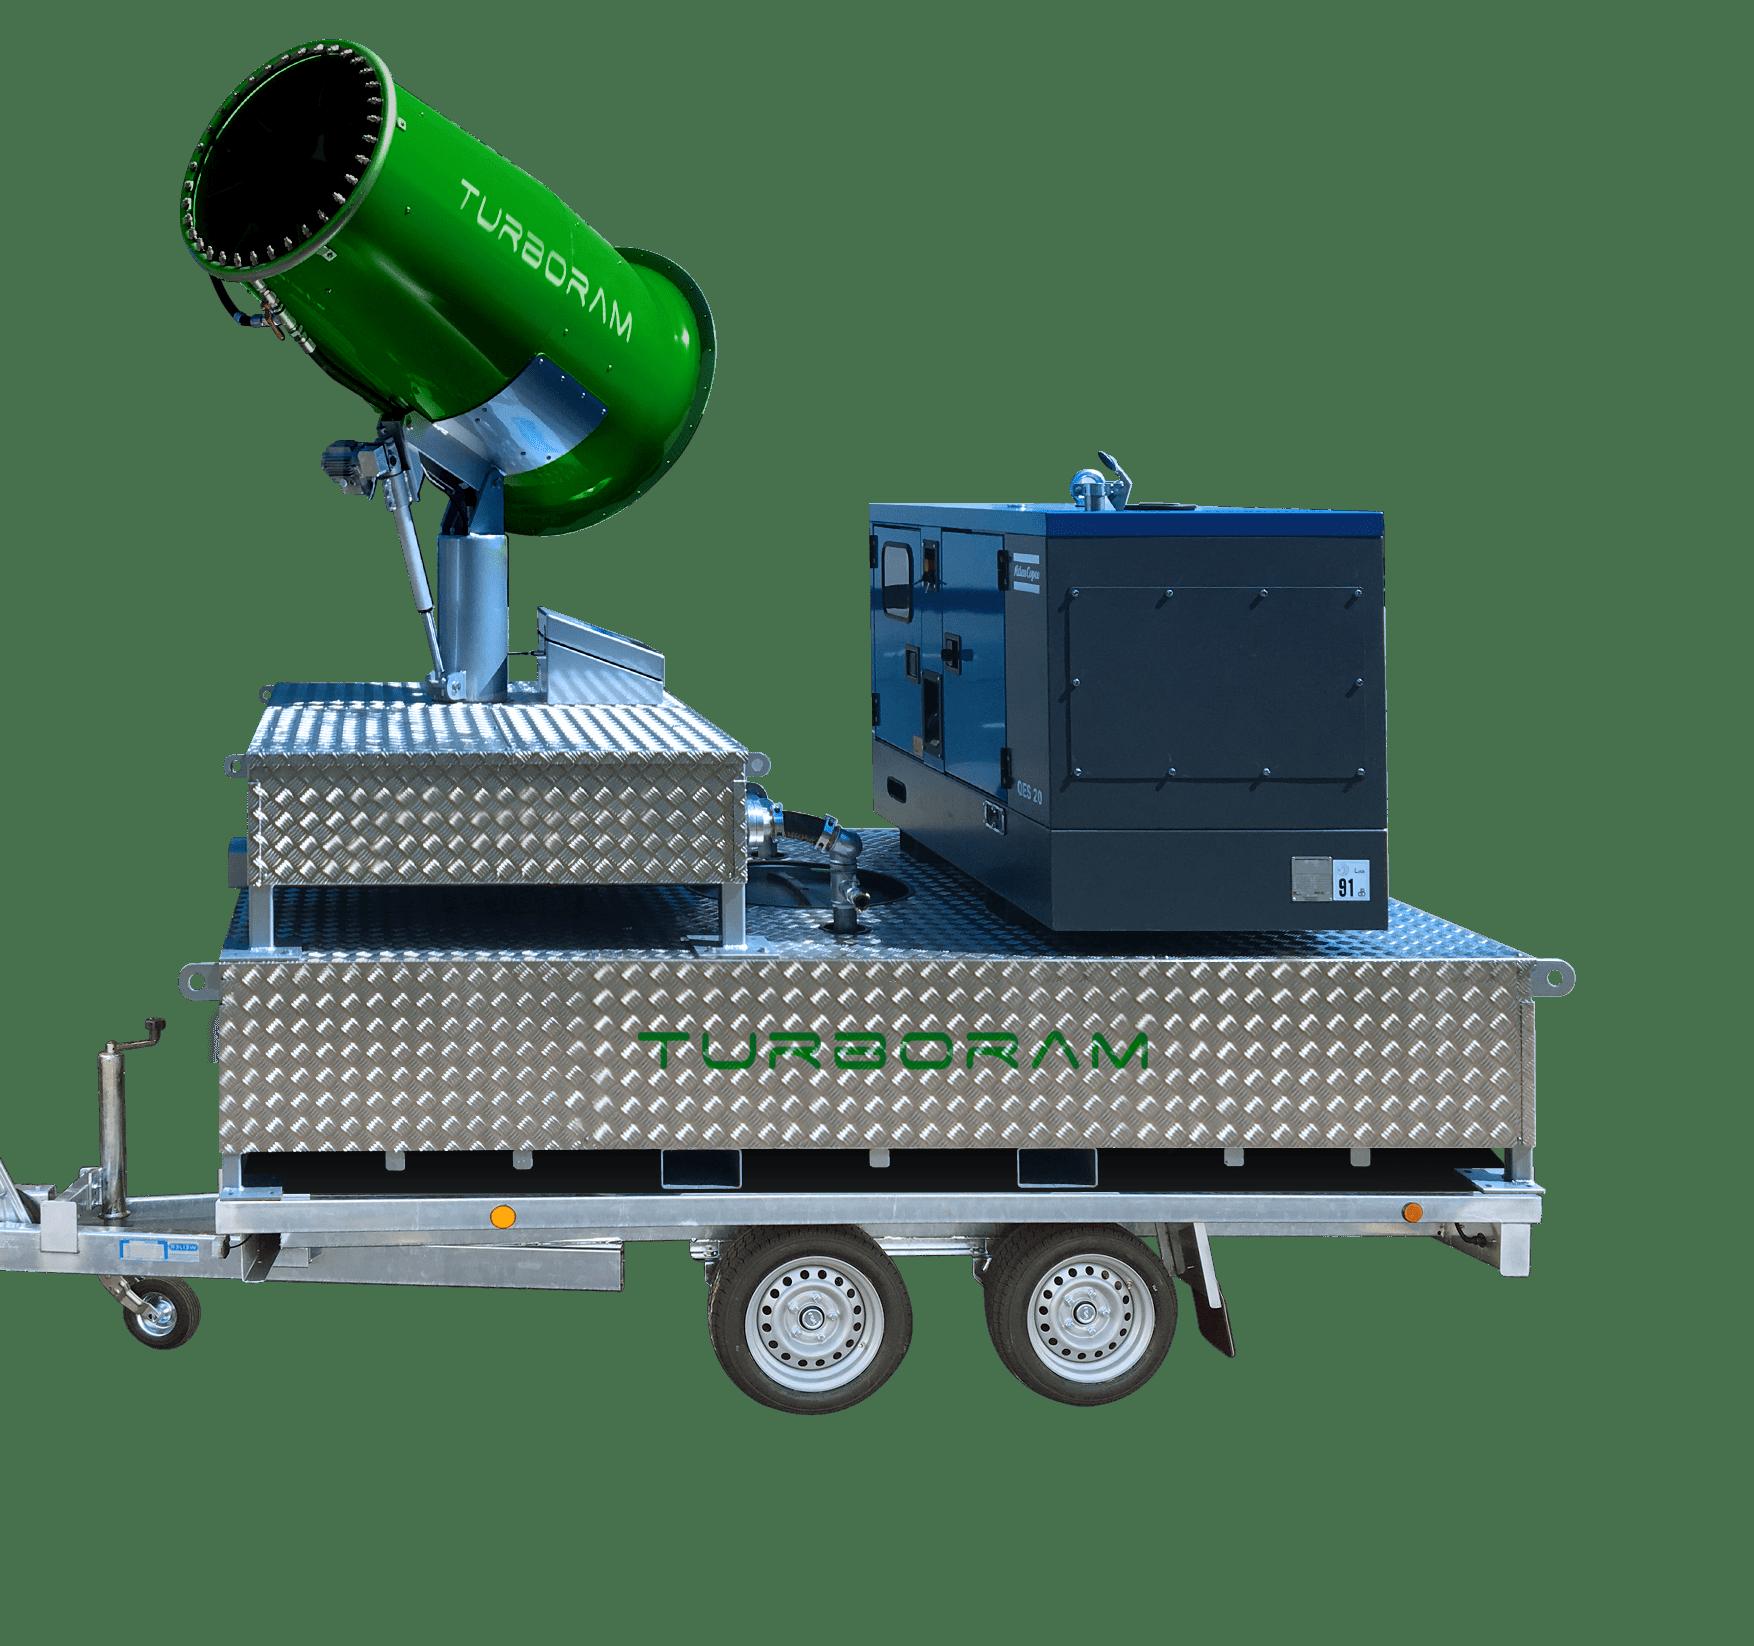 Le TURBORAM TRD50-SC est un brumisateur principalement destiné aux travaux de démolition de moyenne et grande hauteur, de dépollution, au BTP, aux mines et carrières et aux activités de recyclage. Avec cuve à eau